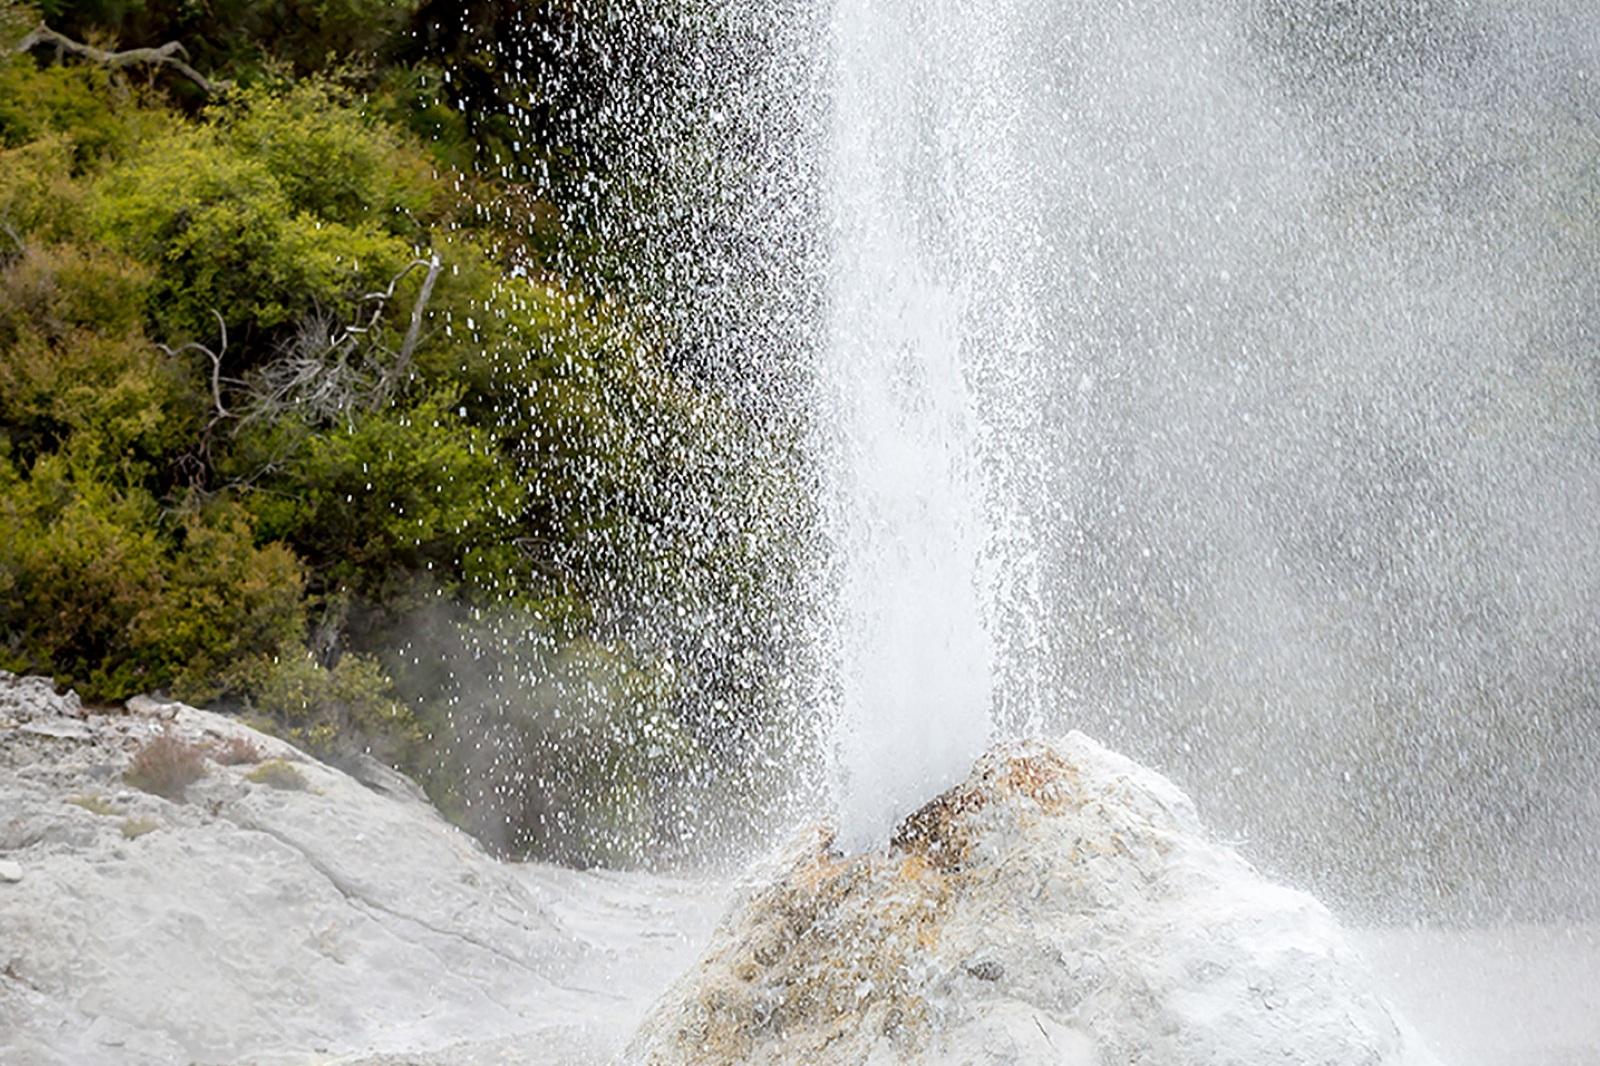 geyser-crop.jpg